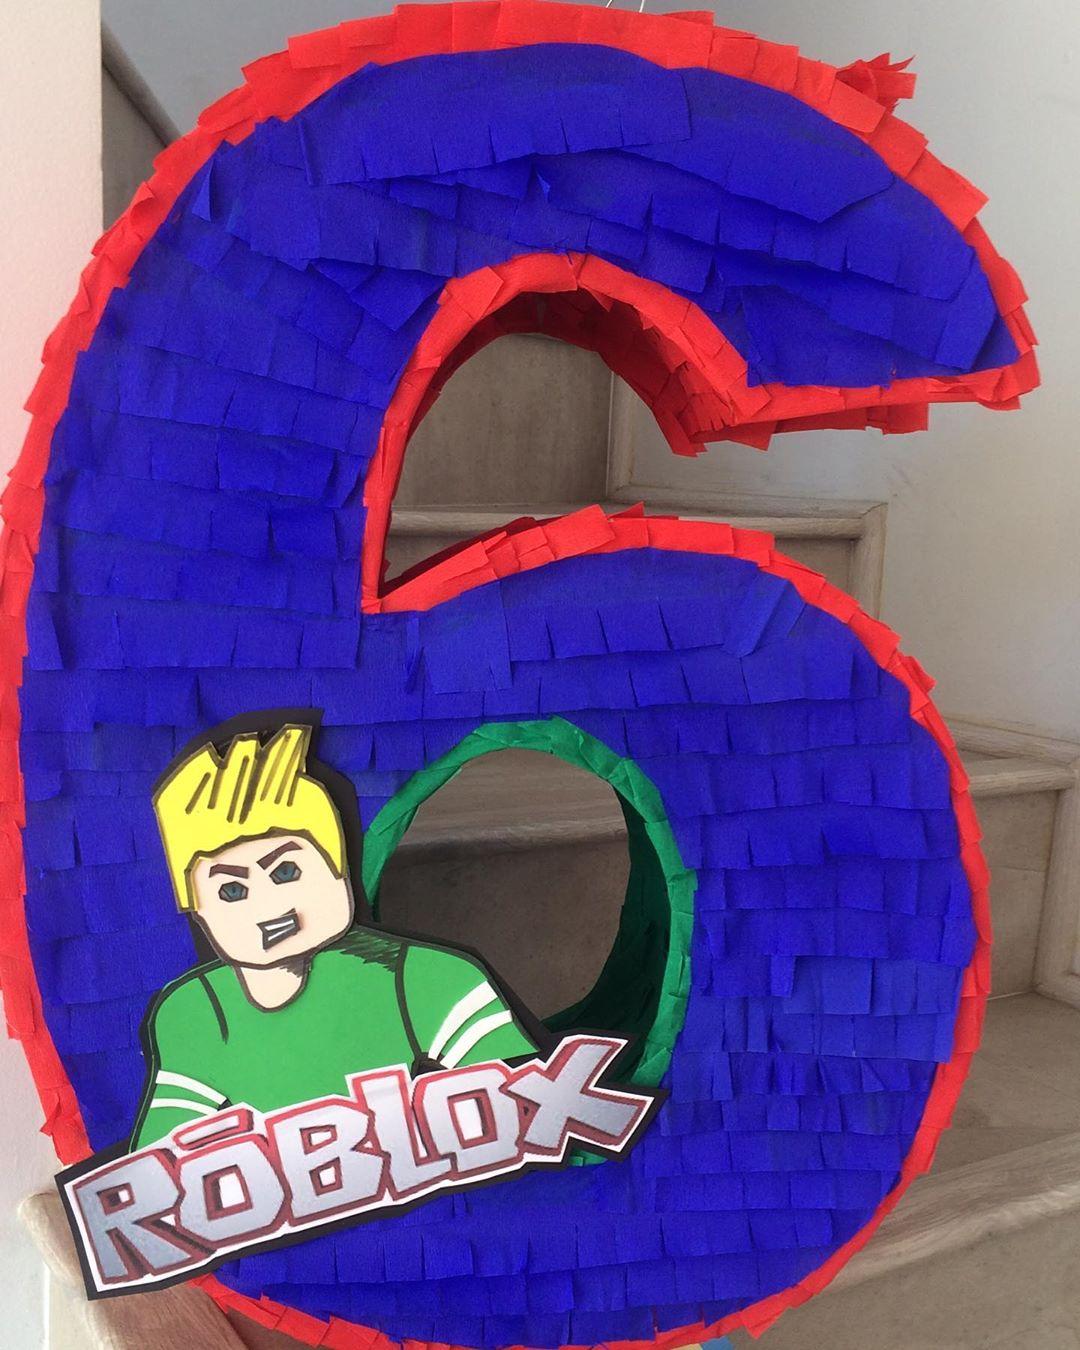 fiesta tematica de roblox para niños piñatas